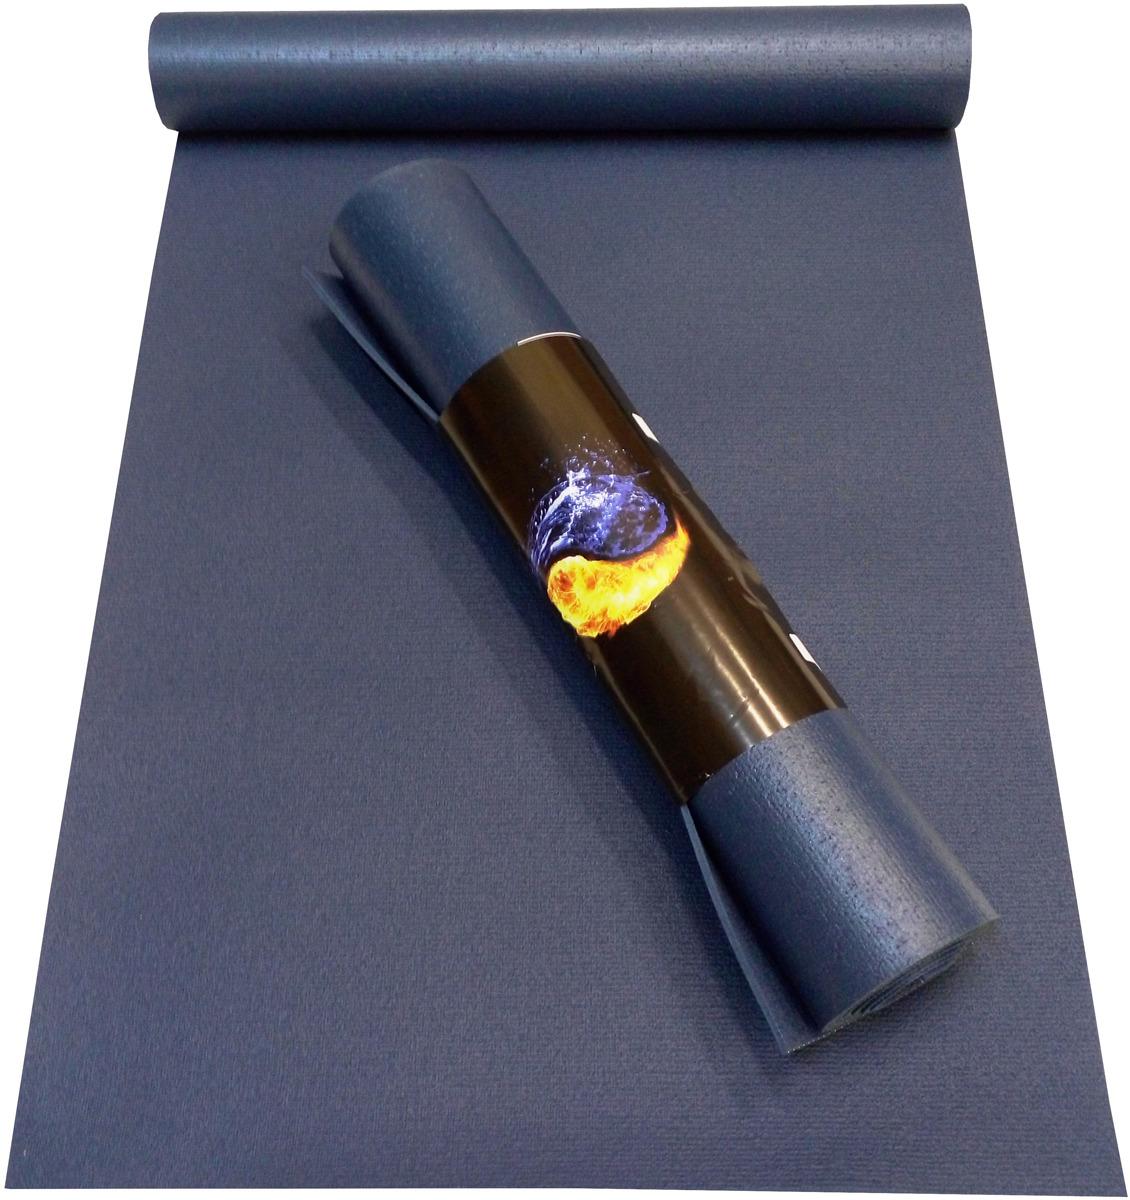 Коврик для йоги детский Ako-Yoga Yin-Yang Studio, цвет: синий, 150 х 60 х 0,45 см коврик для йоги ako yoga yin yang studio цвет синий 185 х 60 х 0 45 см